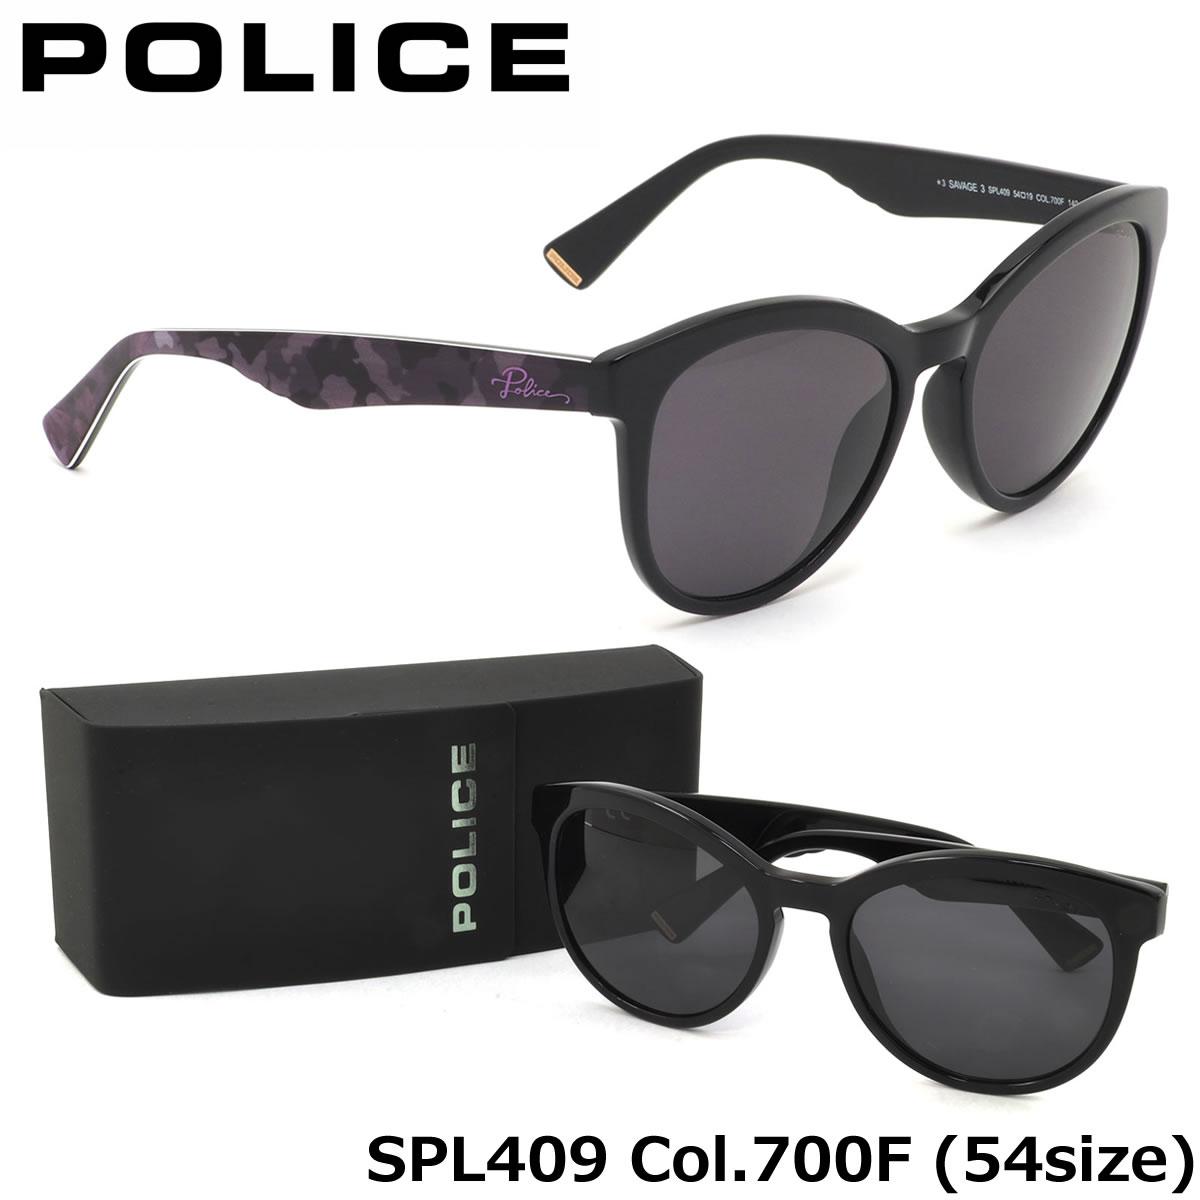 【10月30日からエントリーで全品ポイント20倍】【ポリス】 (POLICE) サングラスSPL409 700F 54サイズSAVAGE3 キャッツアイ ラウンドPOLICE メンズ レディース